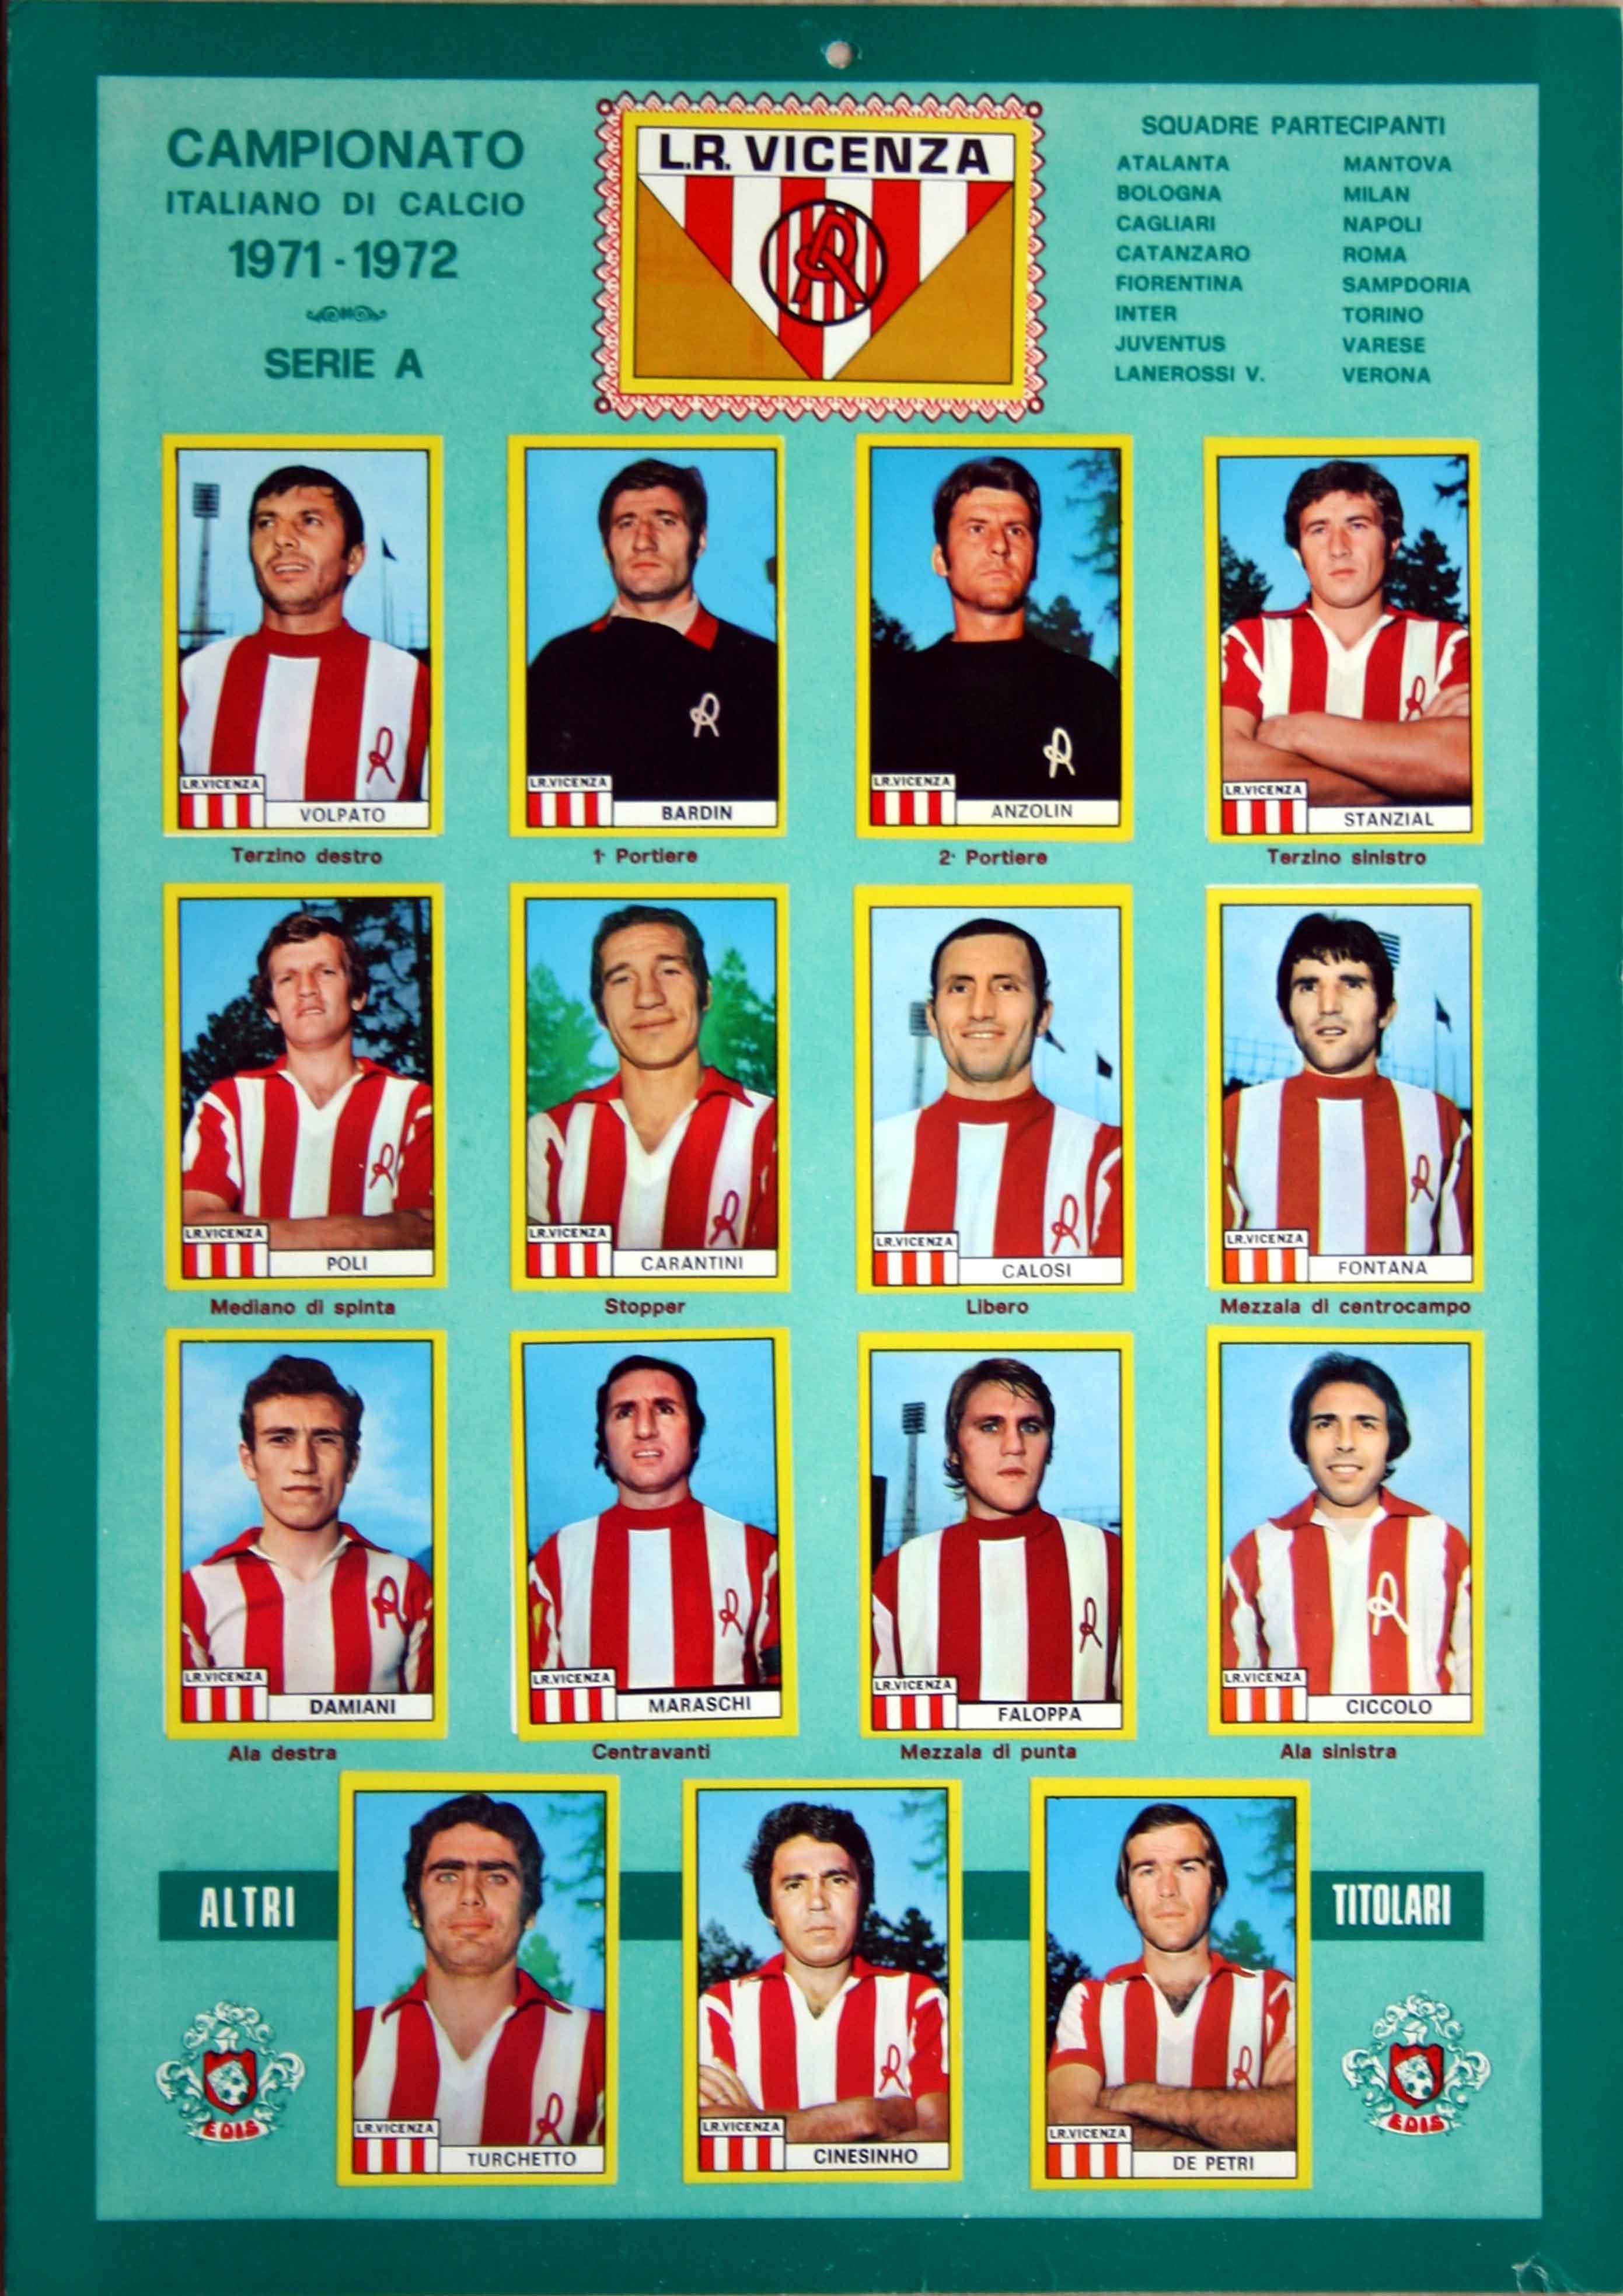 Calciatori EDIS 1971-72